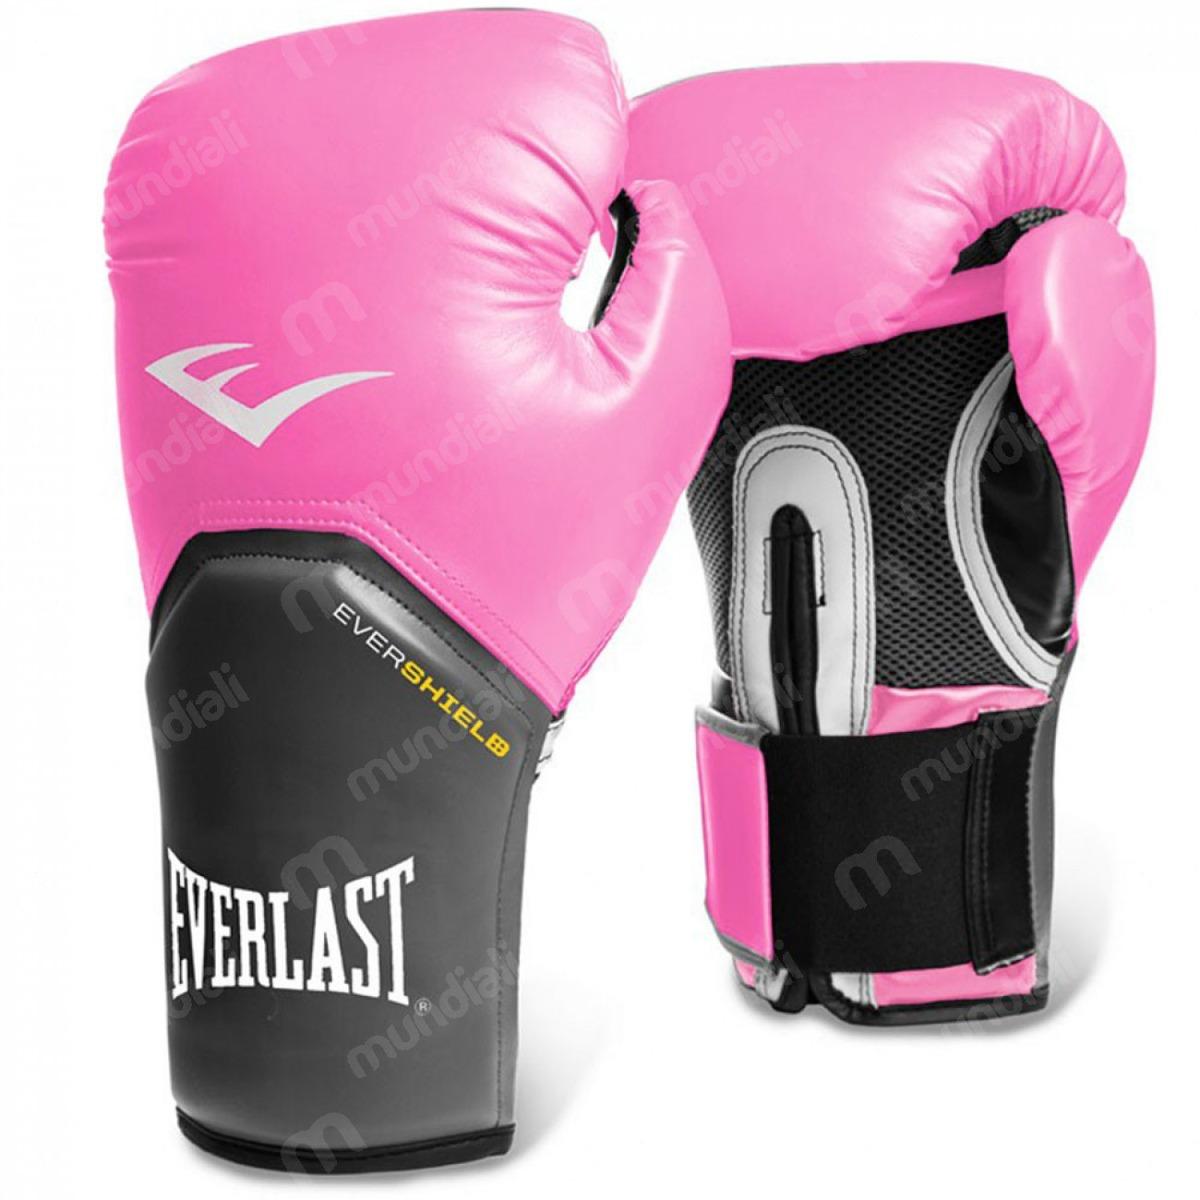 2f3d2b2a9 luva boxe everlast pro style elite training 8oz rosa e cinza. Carregando  zoom.